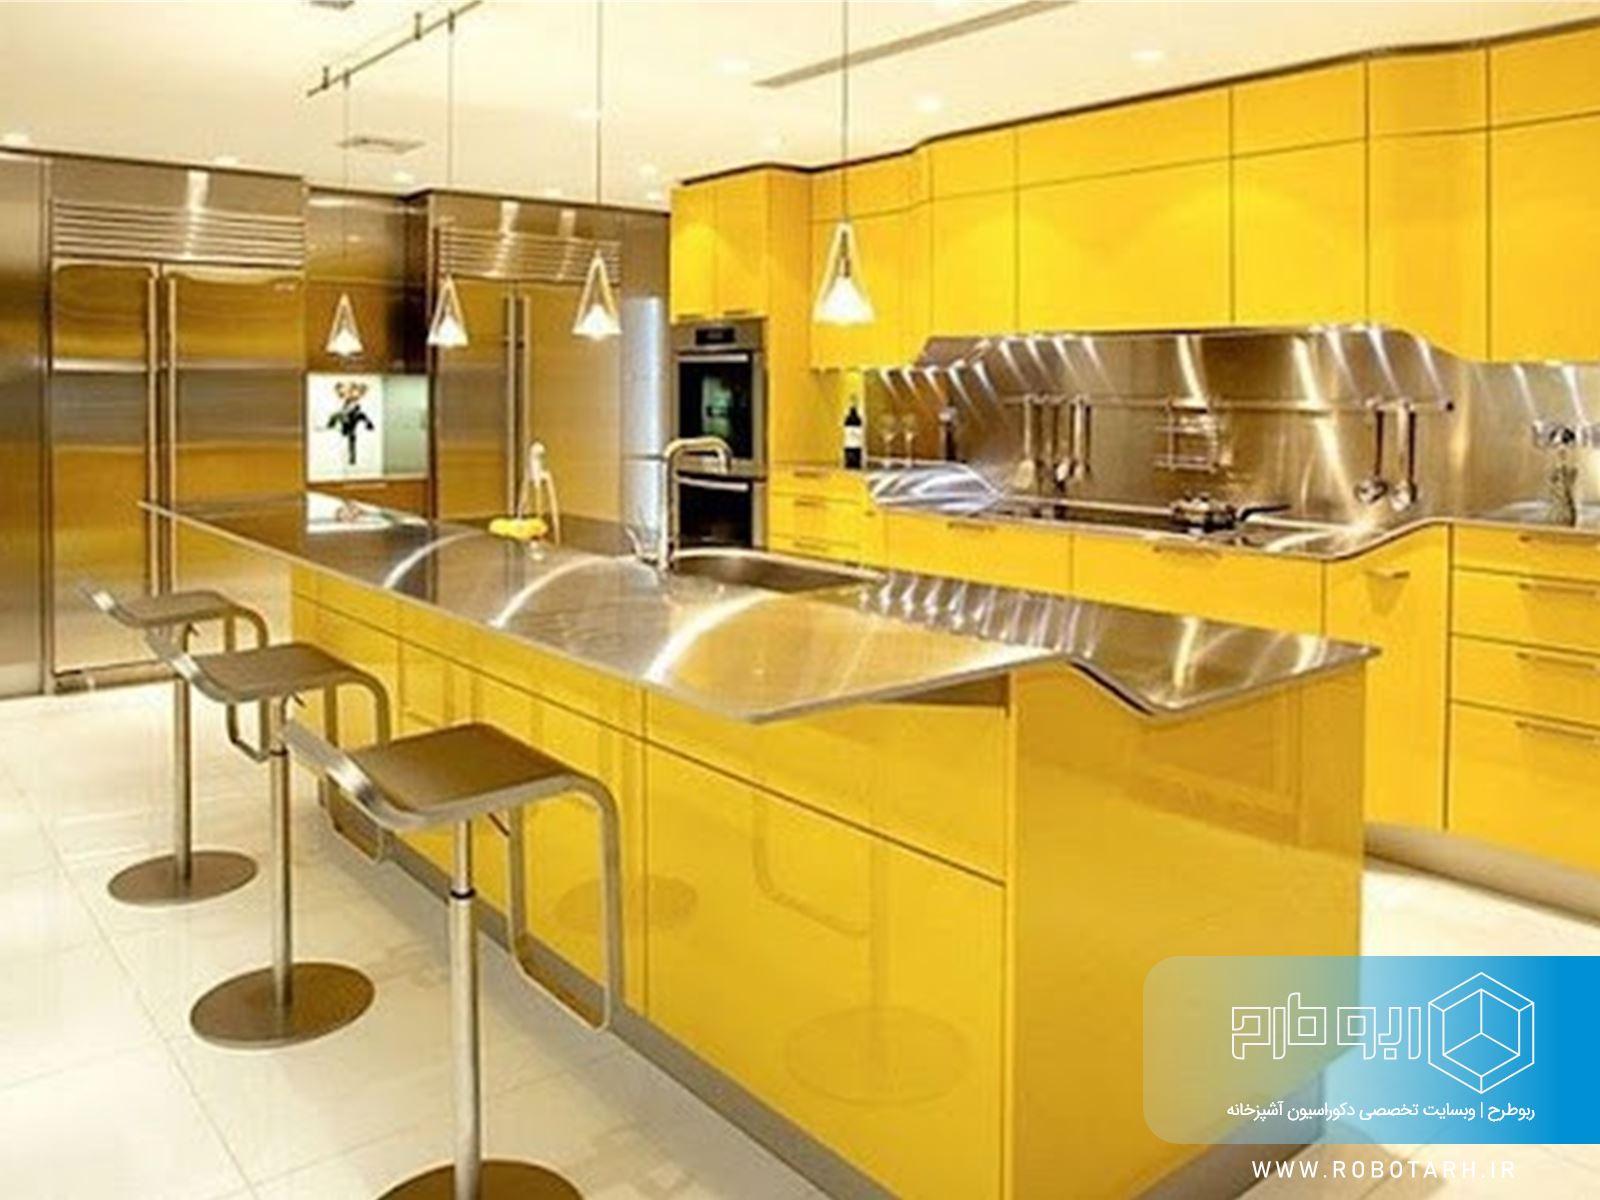 ترکیب کابینت آشپزخانه زرد و استیل